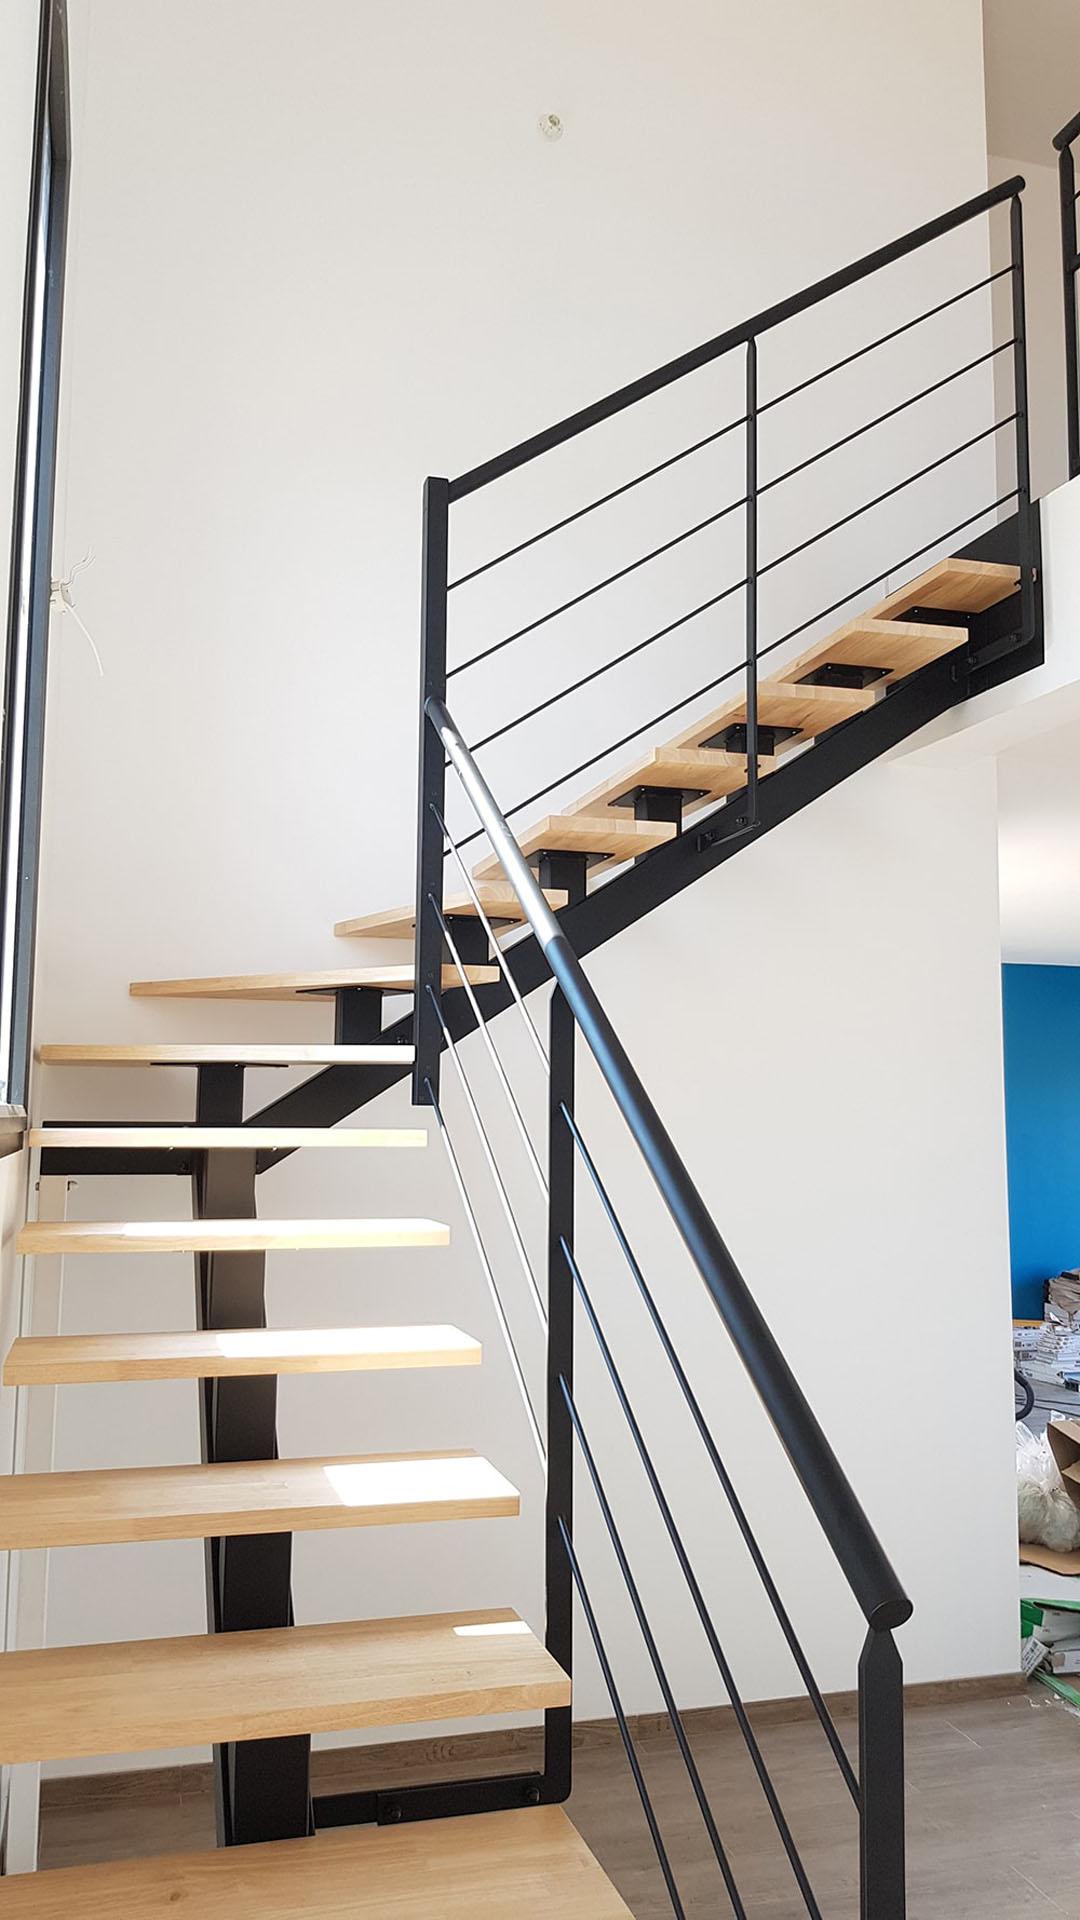 fer-et-tendance-garde-corps-escalier-acier-min